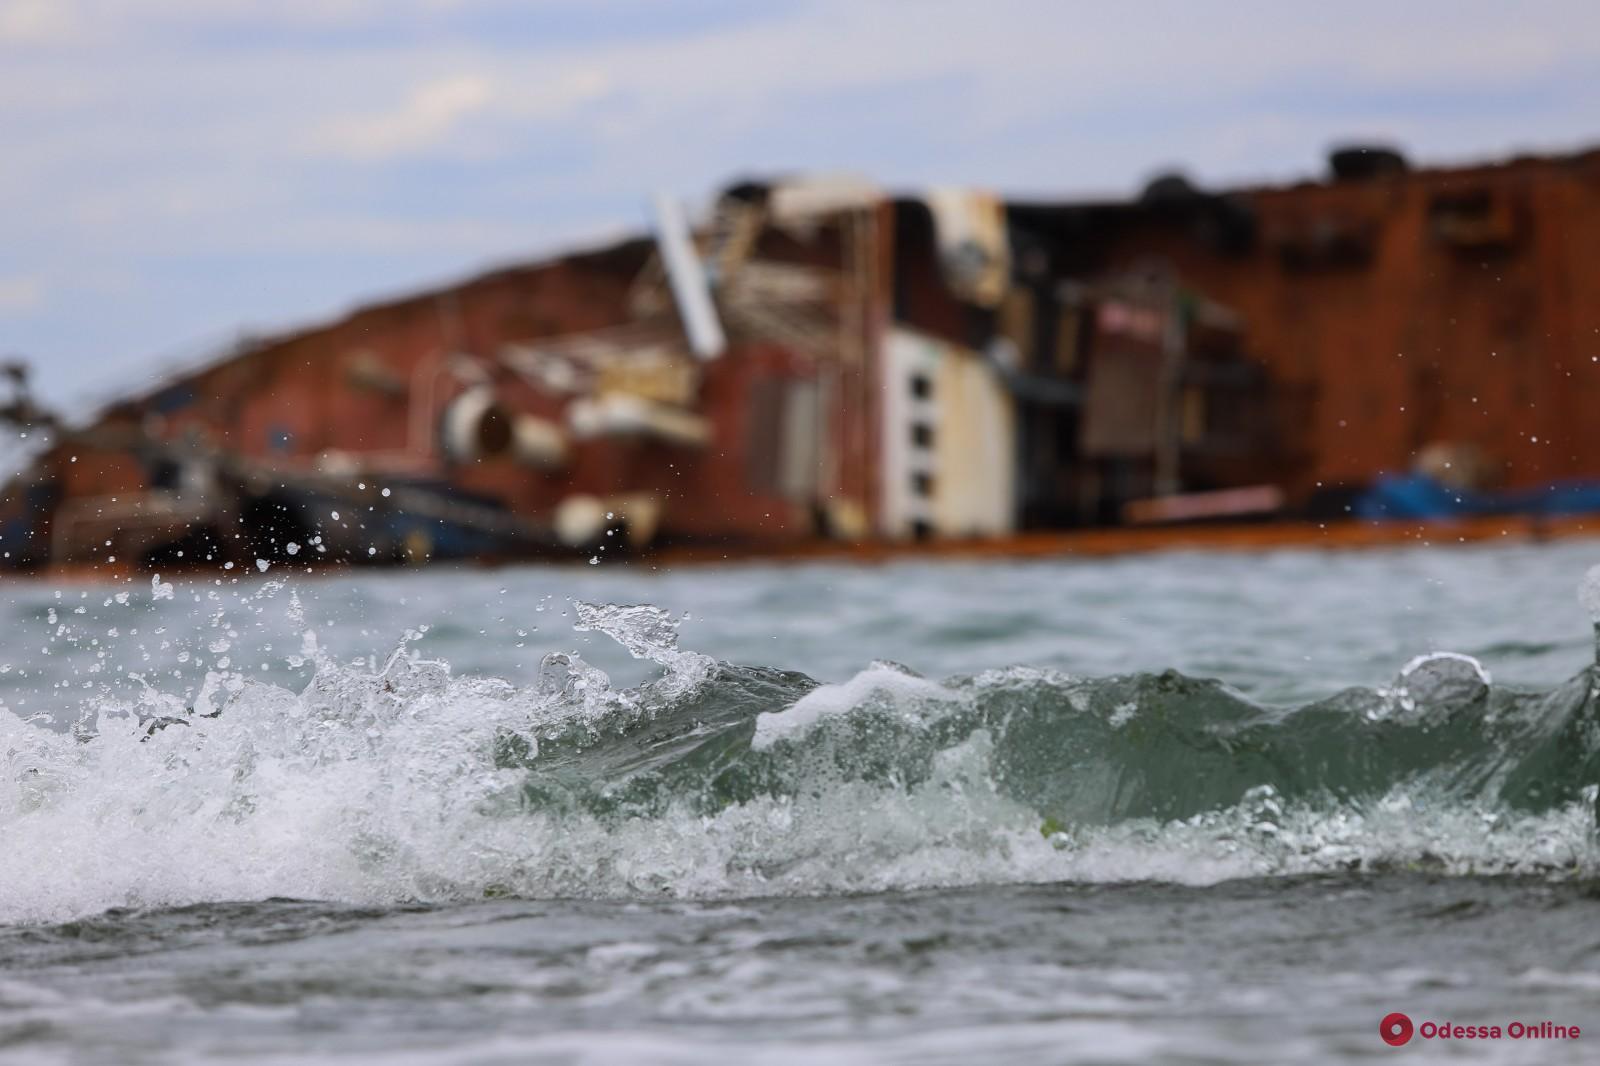 В мэрии рассказали о последствиях очередной утечки топлива из затонувшего танкера Delfi (видео)